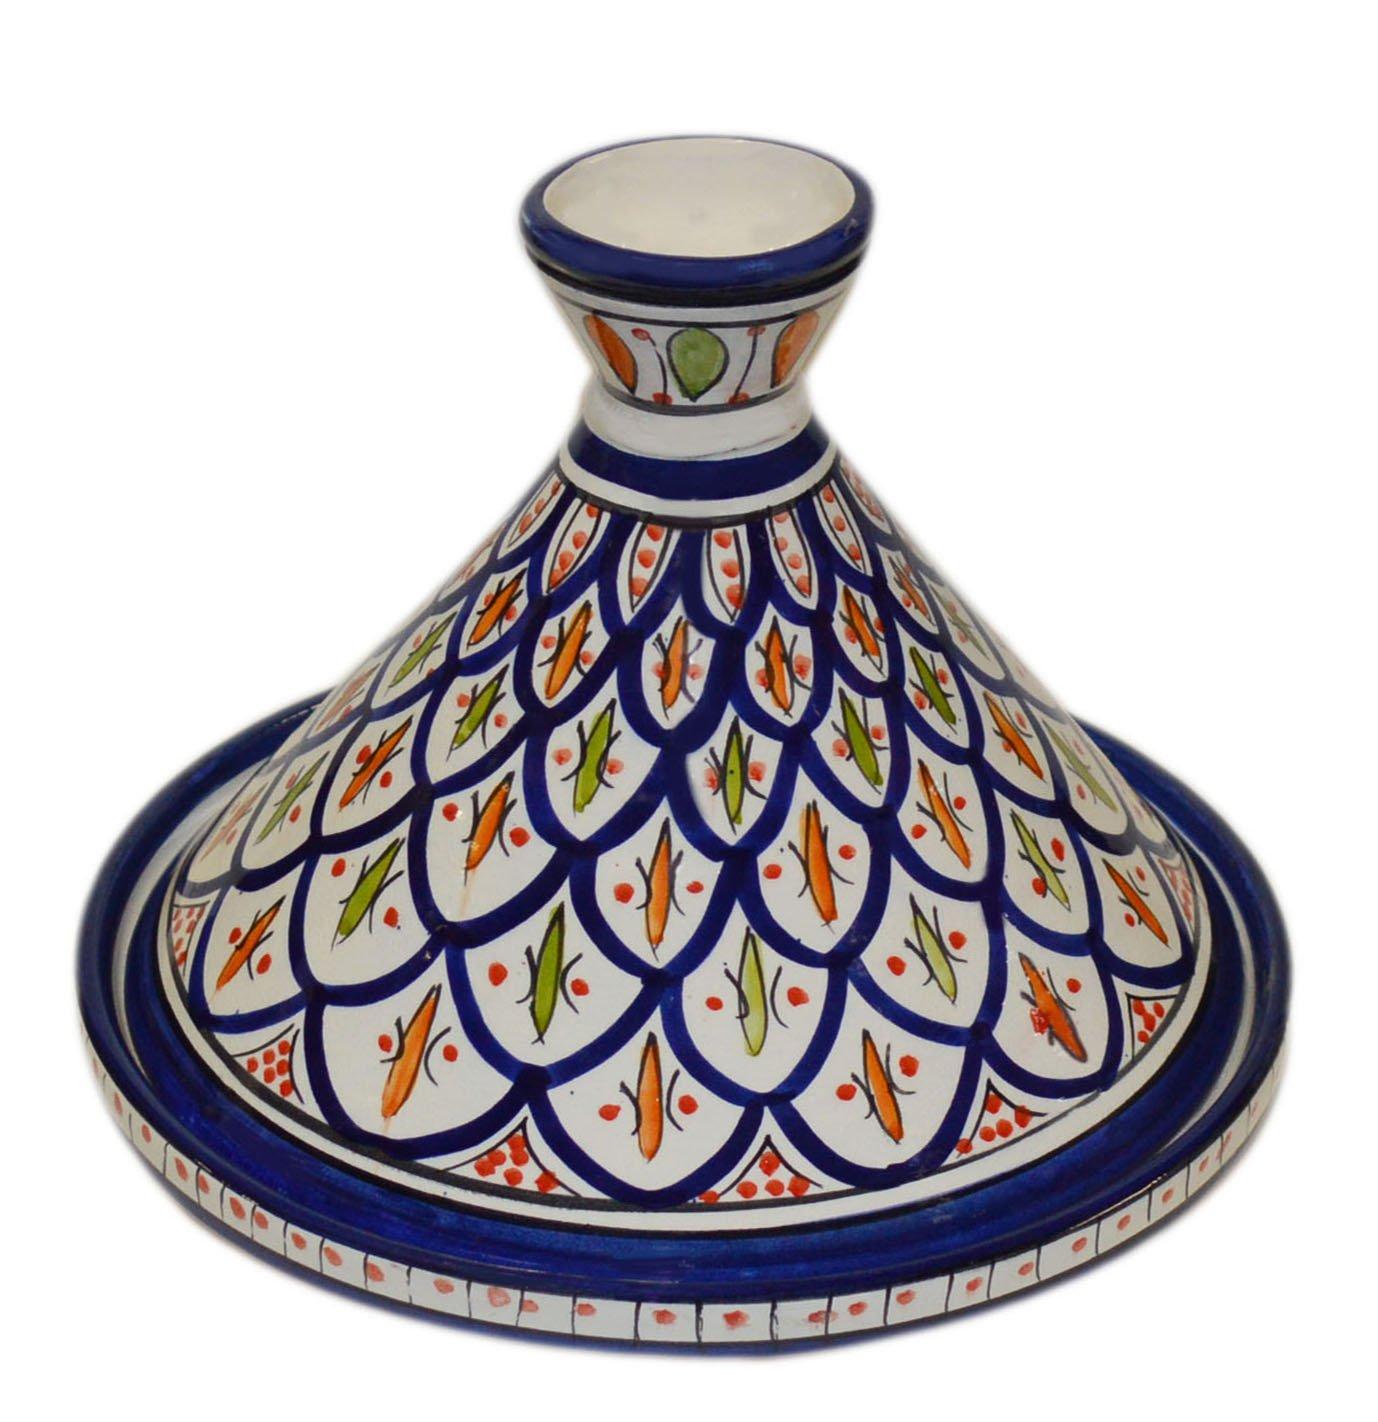 Moroccan Handmade Serving Tagine Exquisite Ceramic With Vivid colors Original Medium 10 inches Across